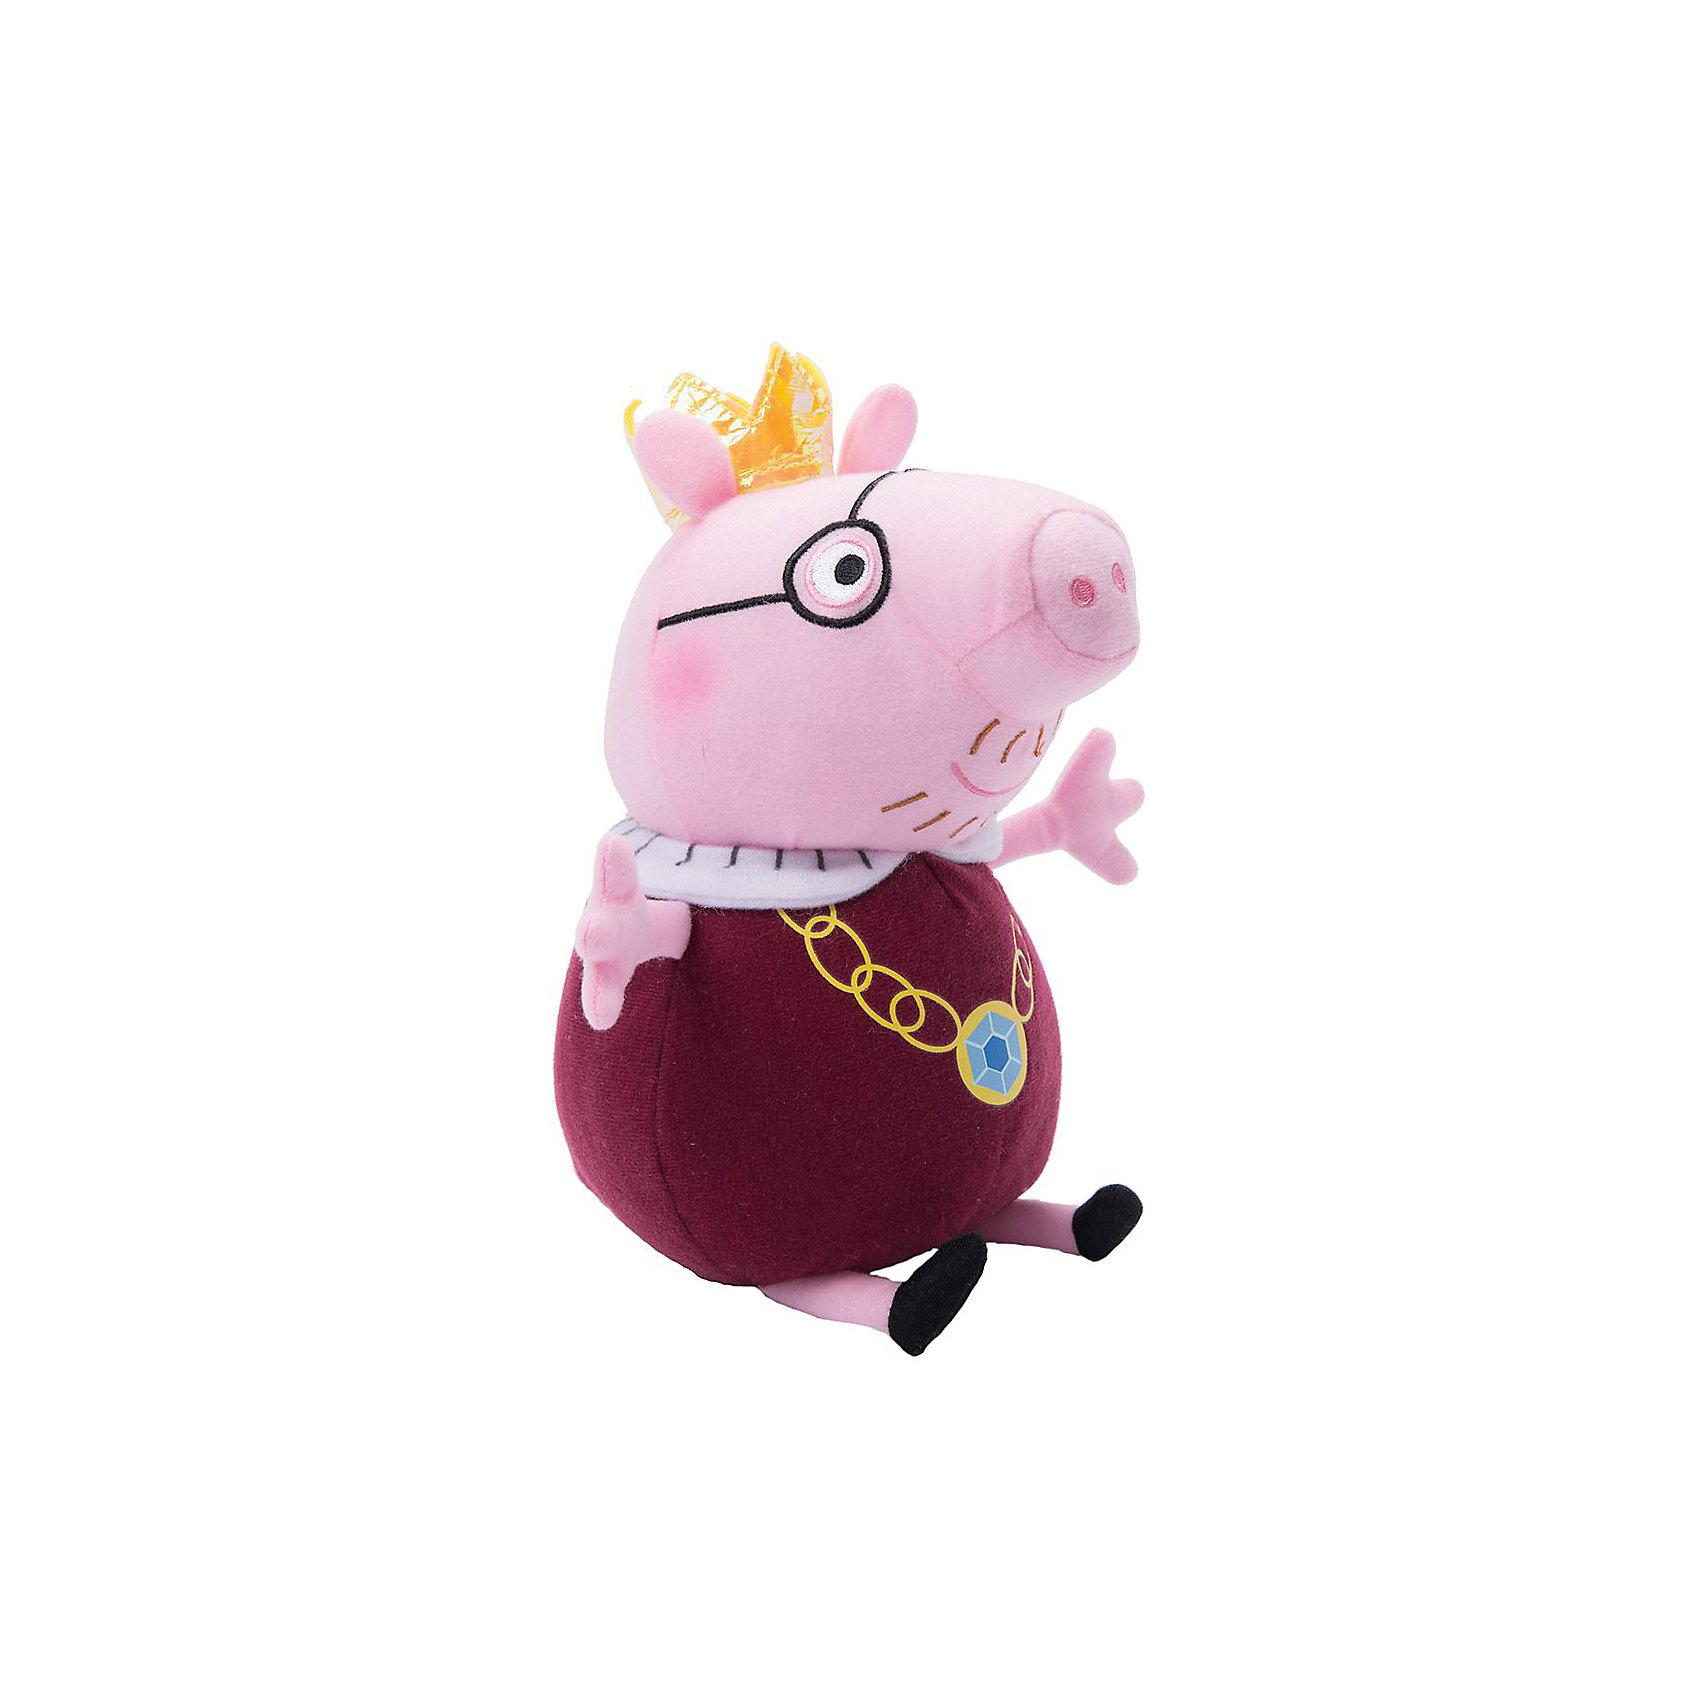 Мягкая игрушка Папа-Свин король, 30 см, Peppa PigЛюбимые герои<br>Мягкая игрушка Папа-Свин король, 30 см, Peppa Pig (Свинка Пеппа). <br><br>Характеристика:<br><br>• Материал: пластик, текстиль, плюш.   <br>• Размер игрушки: 30 см.<br>• Игрушка мягкая, очень приятная на ощупь. <br><br>Игрушка в виде любимого персонажа мультсериала Peppa Pig, приведет в восторг любого ребенка. Папа-Свин в образе короля неотразим и восхитителен! Игрушка сшита из мягкого приятного на ощупь плюща. С ней очень весело играть днем и приятно засыпать вечером.<br>Собери всю коллекцию плюшевых игрушек Peppa Pig проигрывай сцены из любимых мультфильмов или придумывай свои забавные и интересные истории!  <br><br>Мягкую игрушку Папа-Свин король, 30 см, Peppa Pig (Свинка Пеппа), можно купить в нашем интернет-магазине.<br><br>Ширина мм: 245<br>Глубина мм: 165<br>Высота мм: 120<br>Вес г: 174<br>Возраст от месяцев: 36<br>Возраст до месяцев: 2147483647<br>Пол: Унисекс<br>Возраст: Детский<br>SKU: 5211685